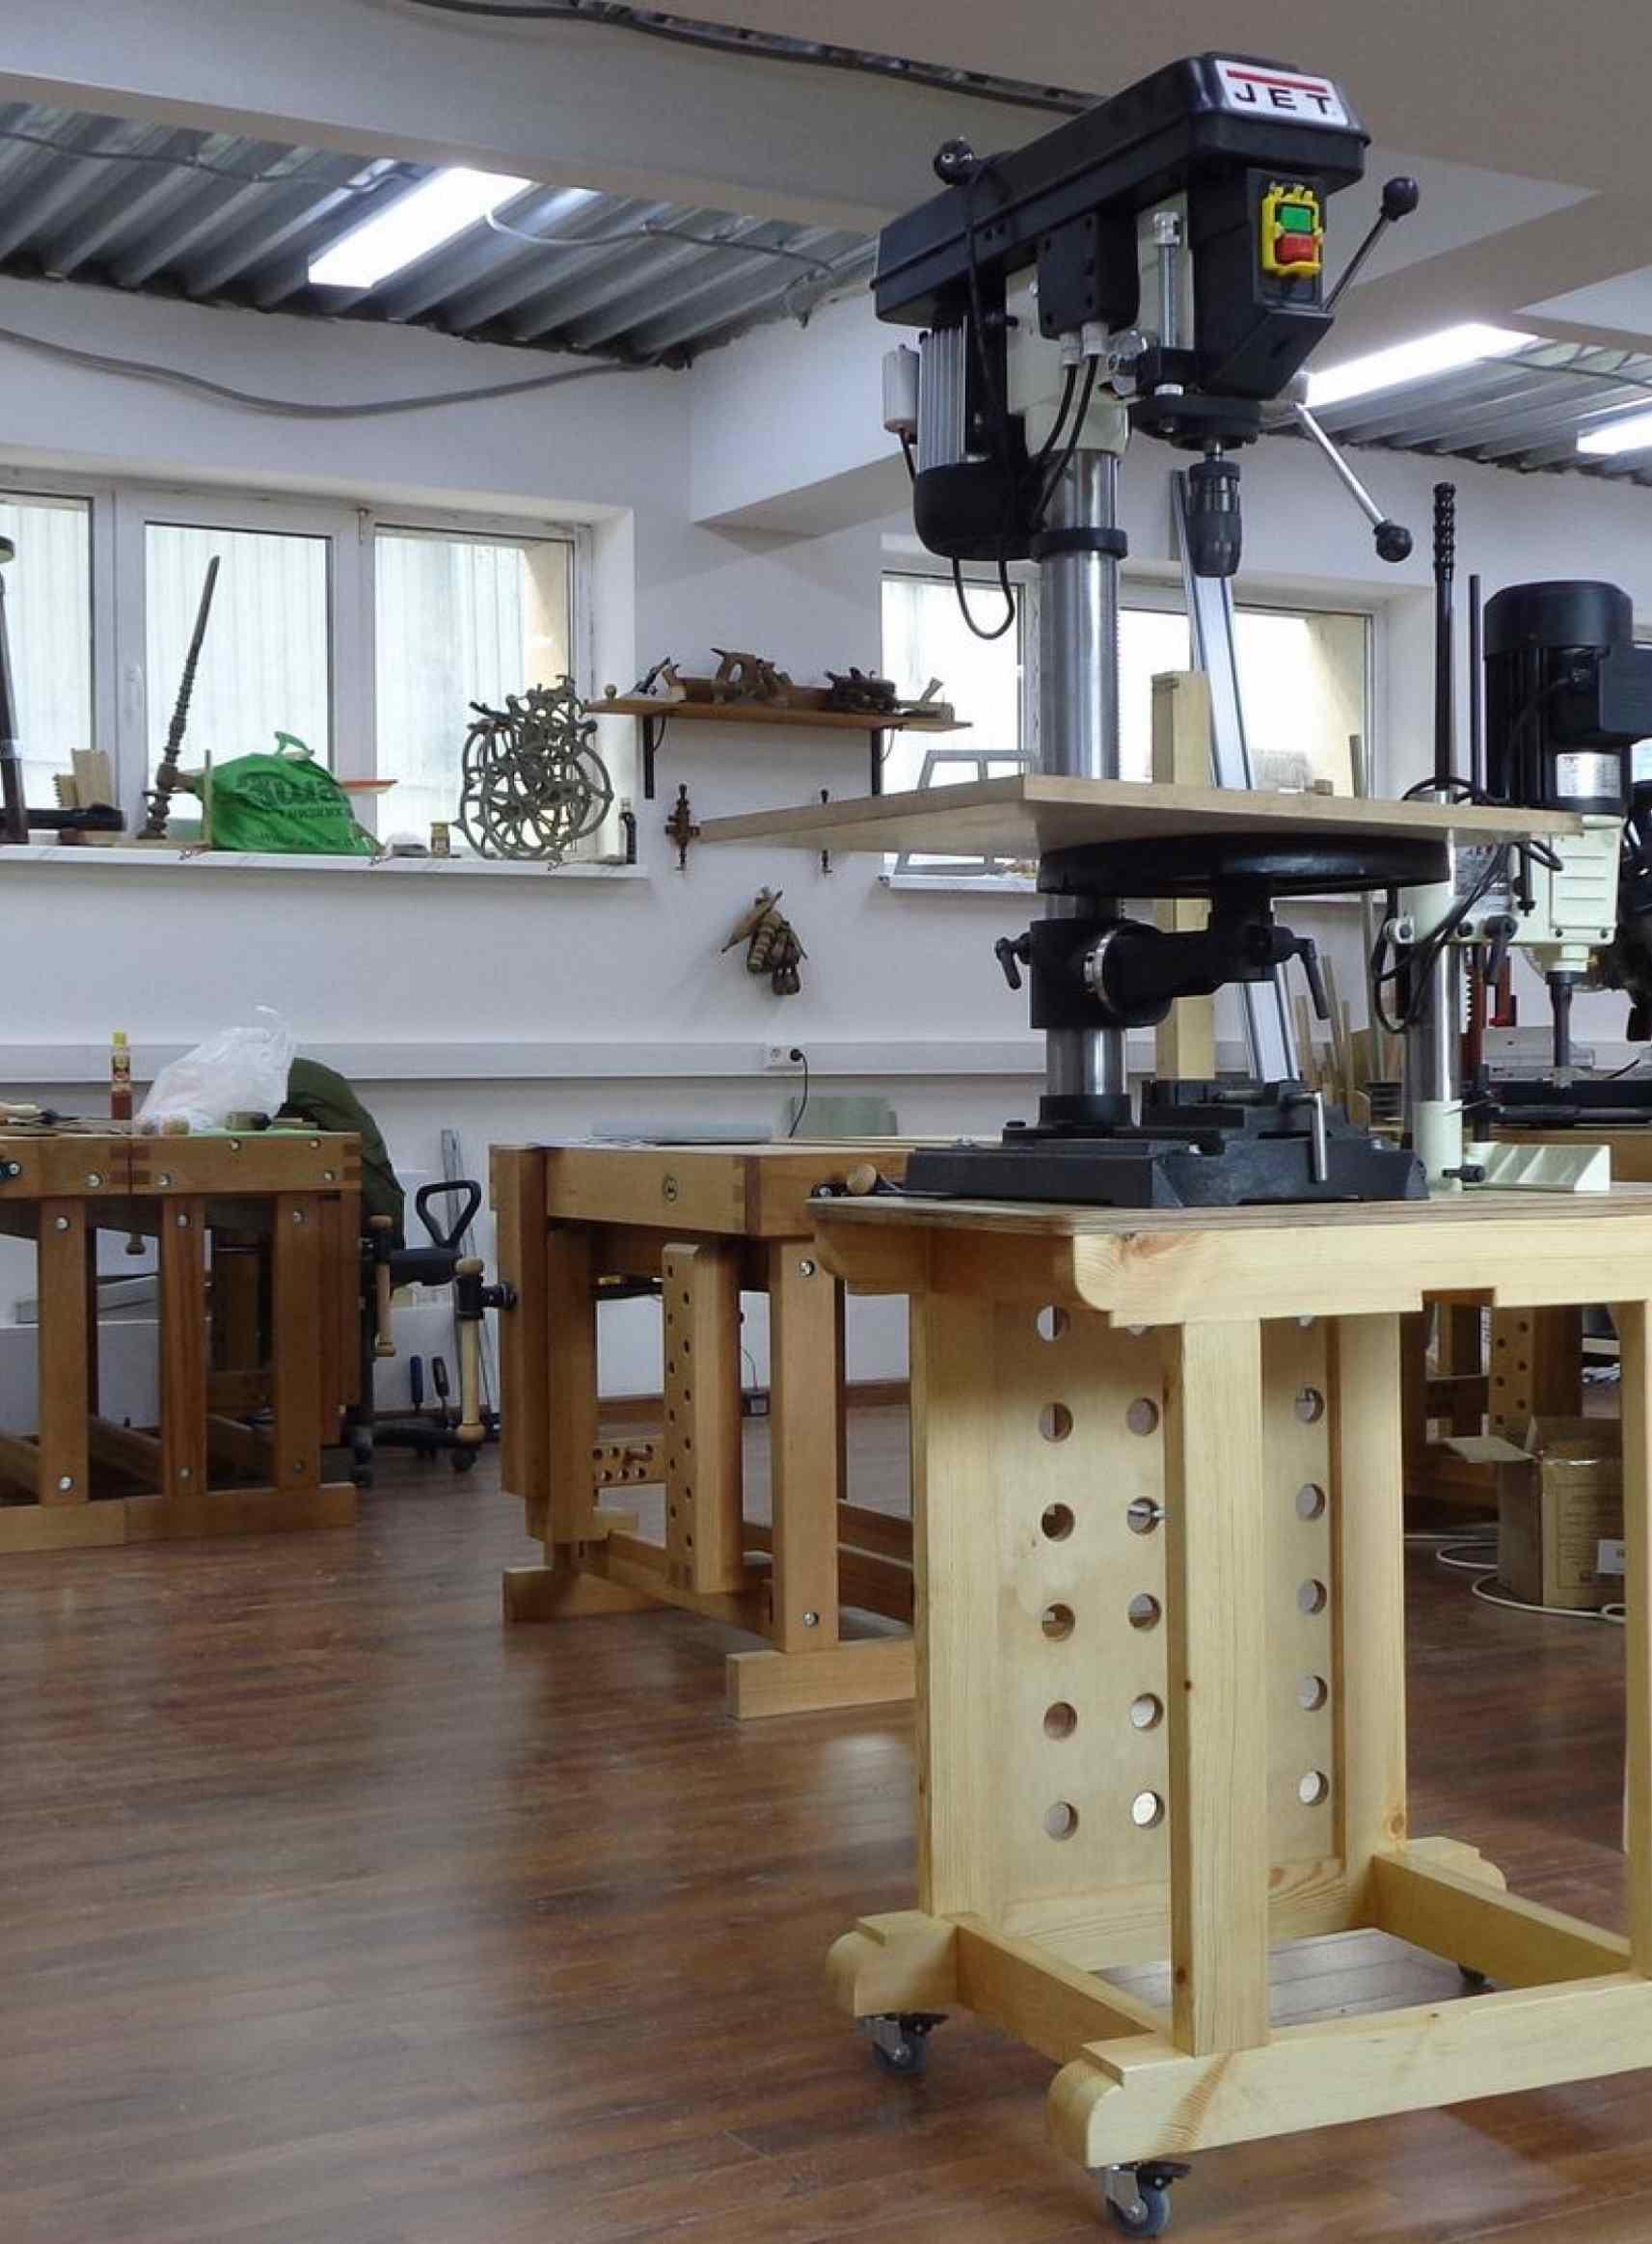 Оборудование и комплекты для релоадинга нарезных патронов - купить недорого с доставкой в интернет магазине